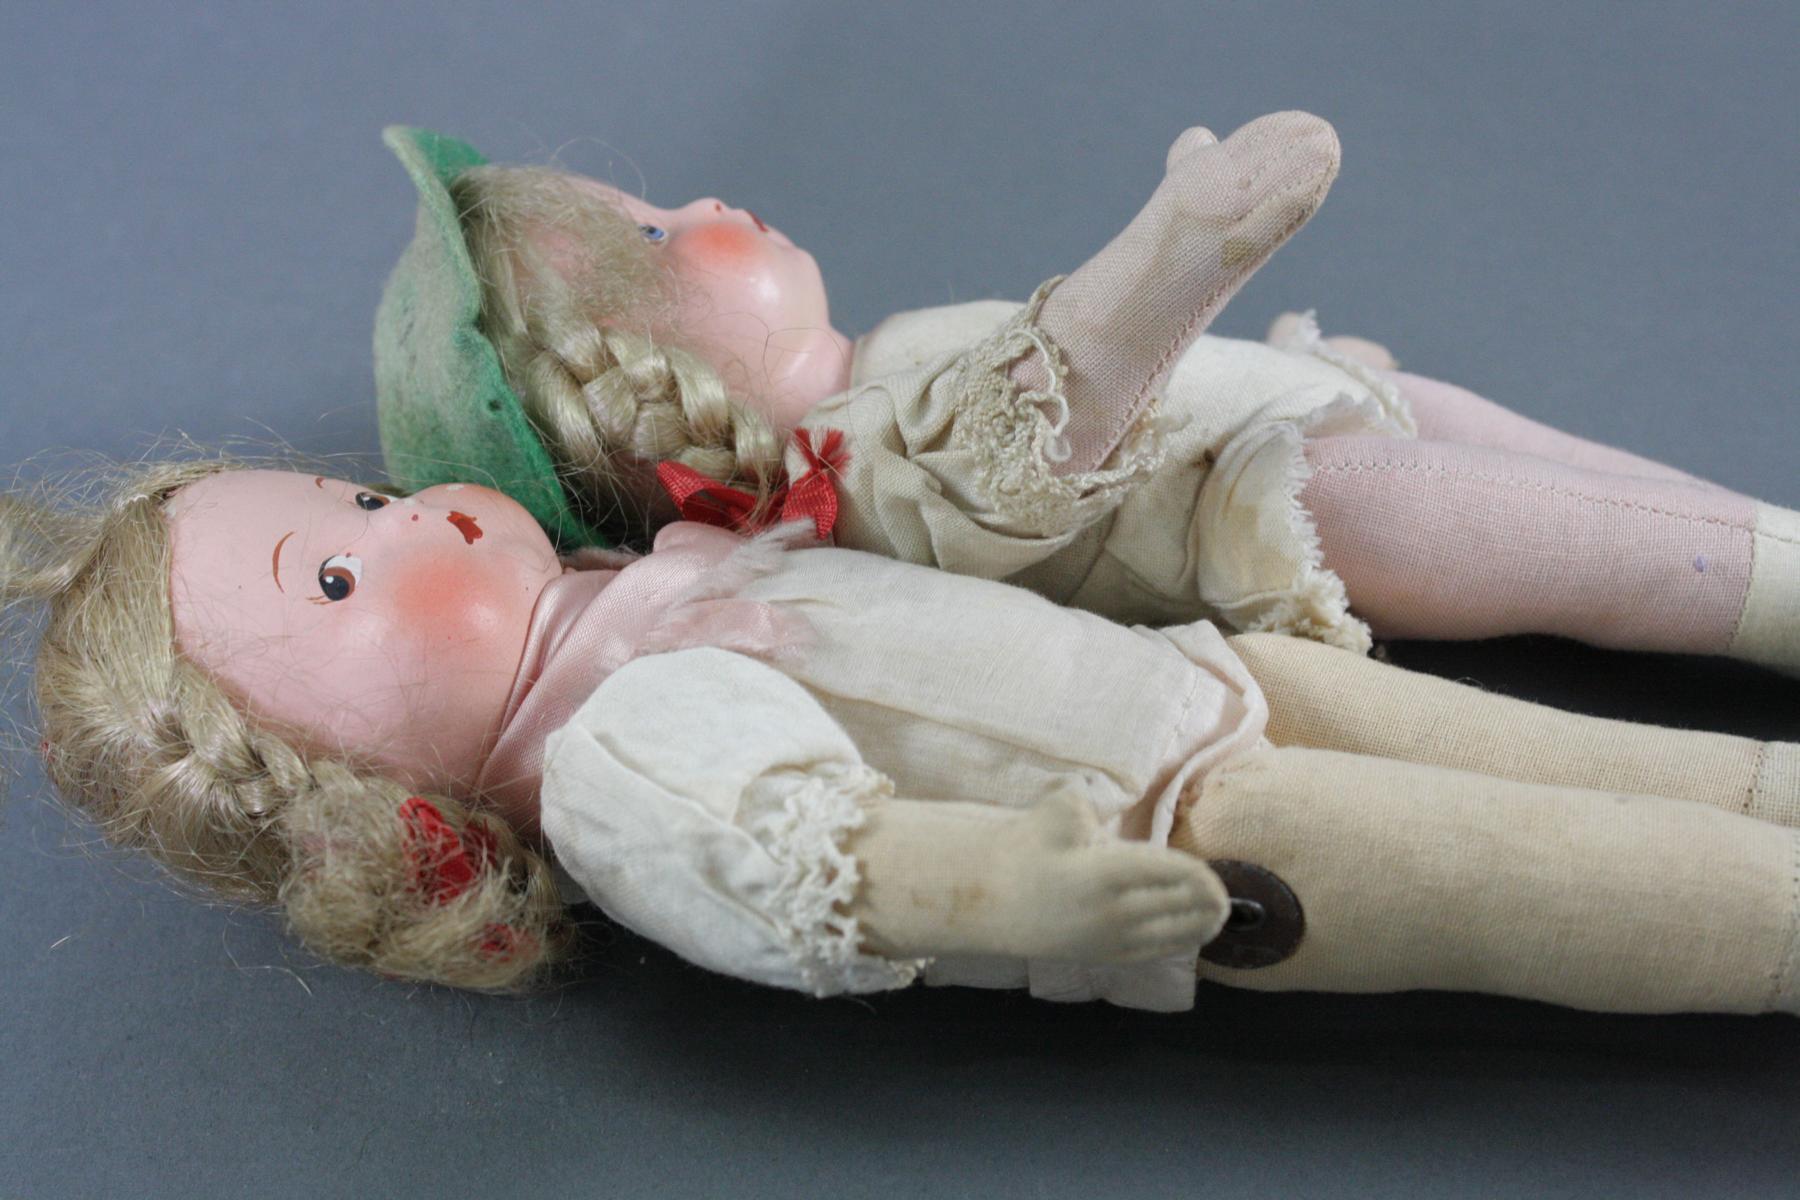 12 sehr alte Puppen, 1. Hälfte 20. Jahrhundert oder älter-11